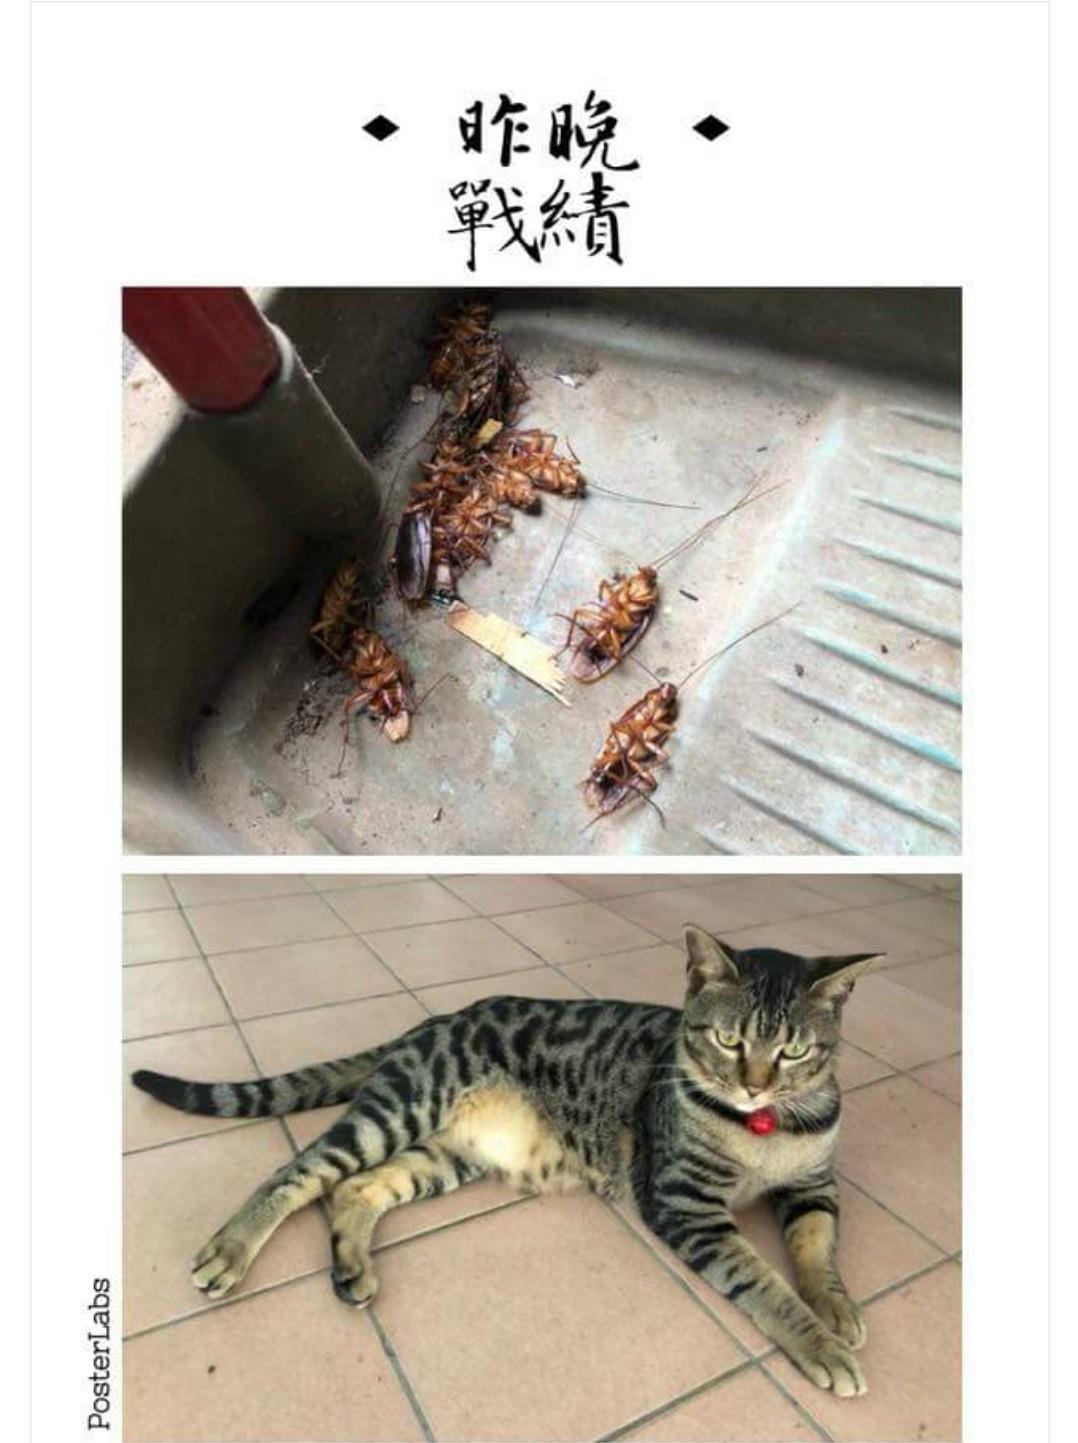 養貓皇終於拿到「貓的報恩禮」 鏟屎官看到水槽11個驚喜...吐慘了!